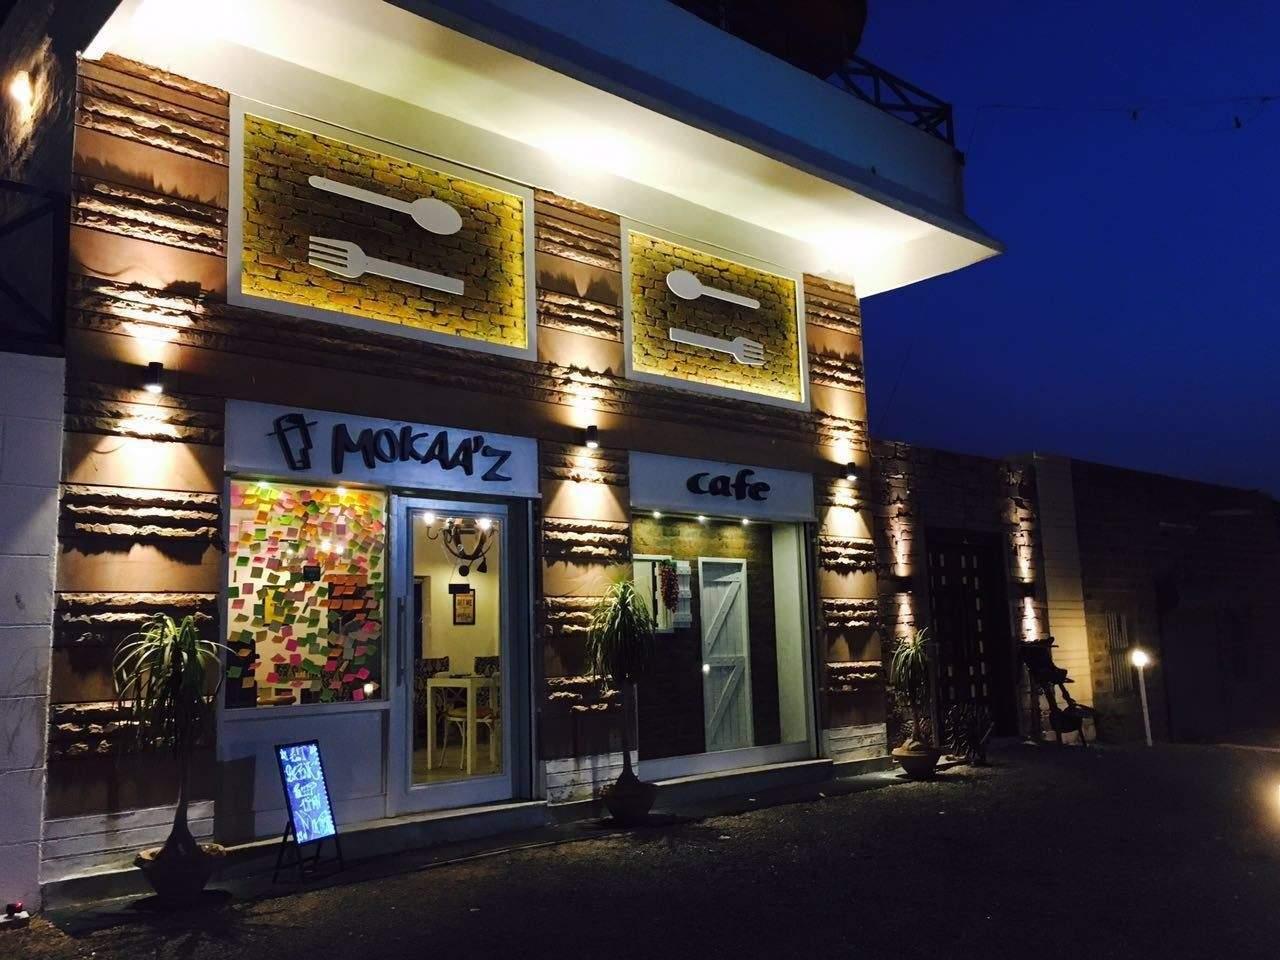 Mokaaz Café